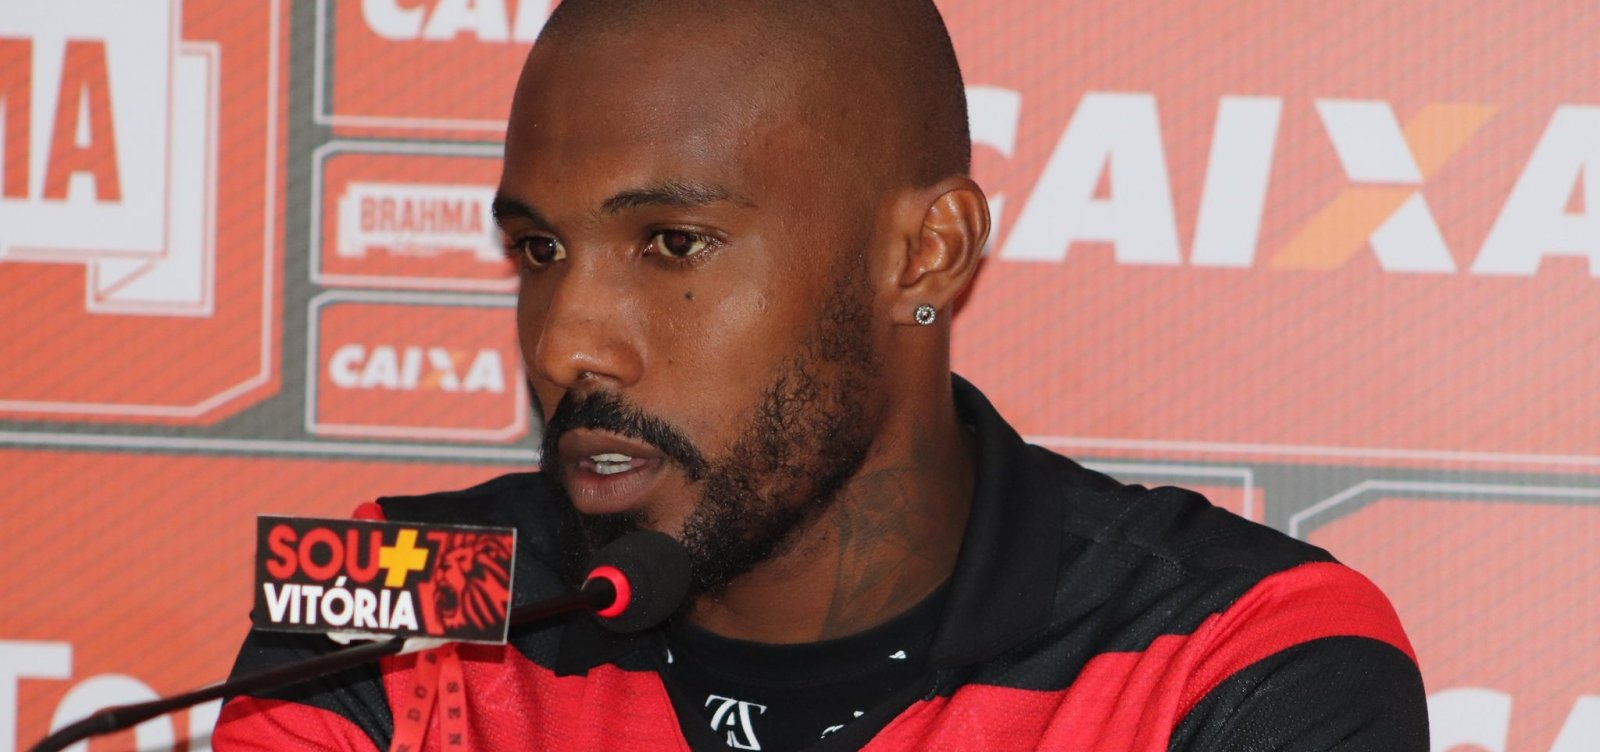 Em súmula da partida contra o Paraná, árbitro explica expulsão do rubro-negro Rhayner